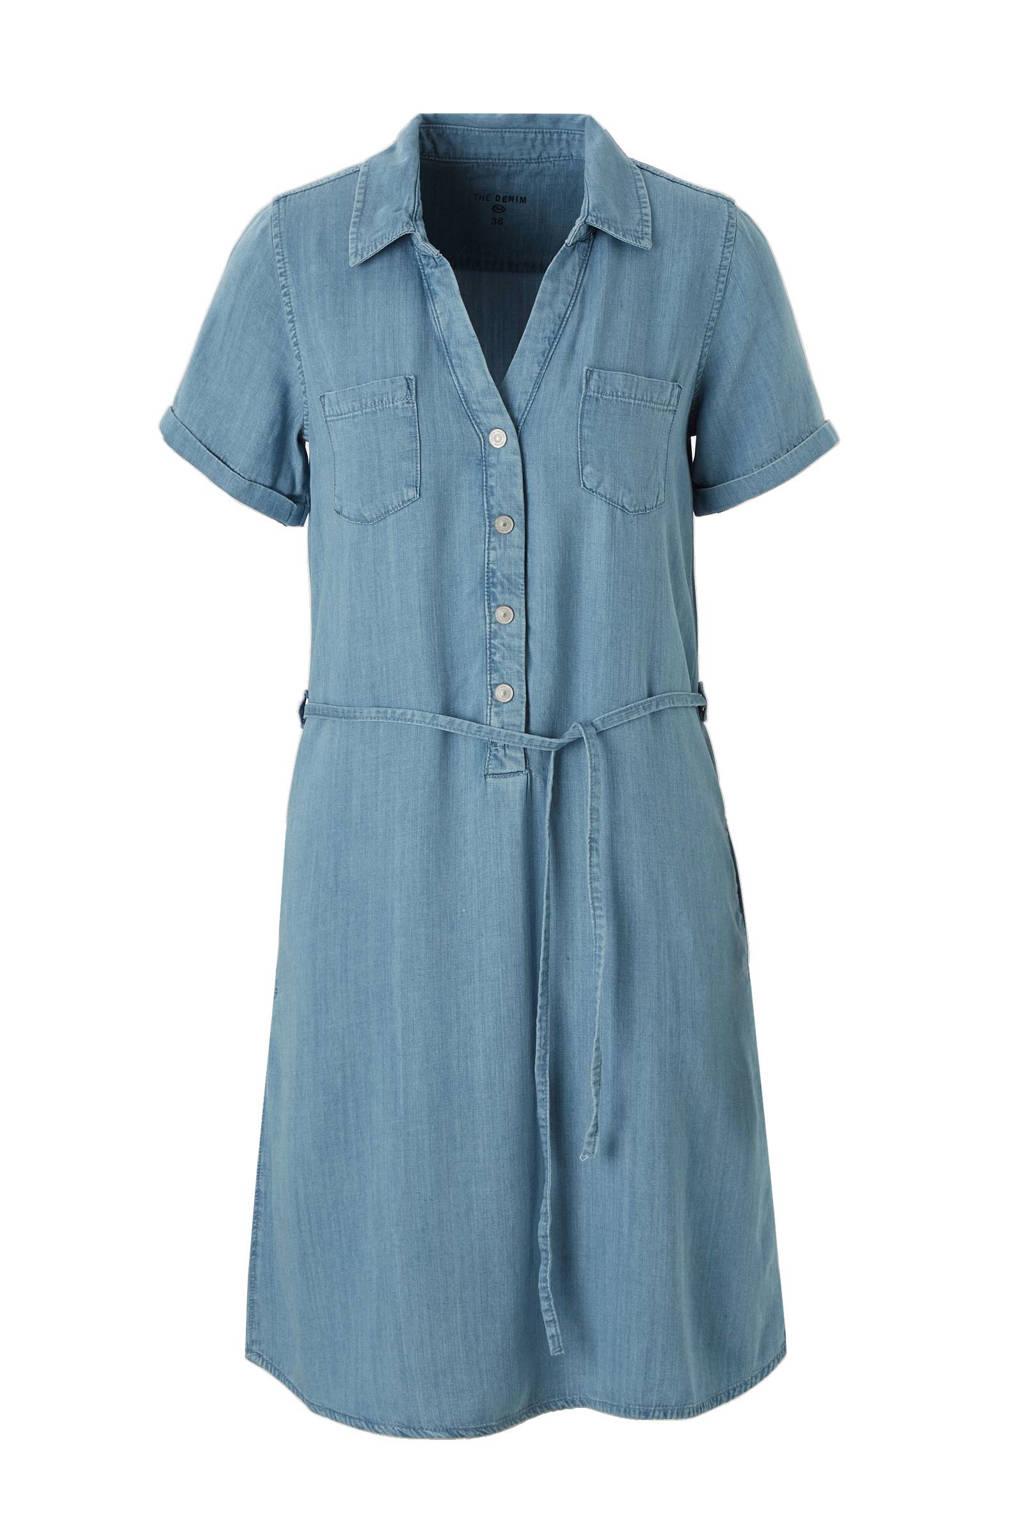 C&A The Denim denim jurk, Lichtblauw